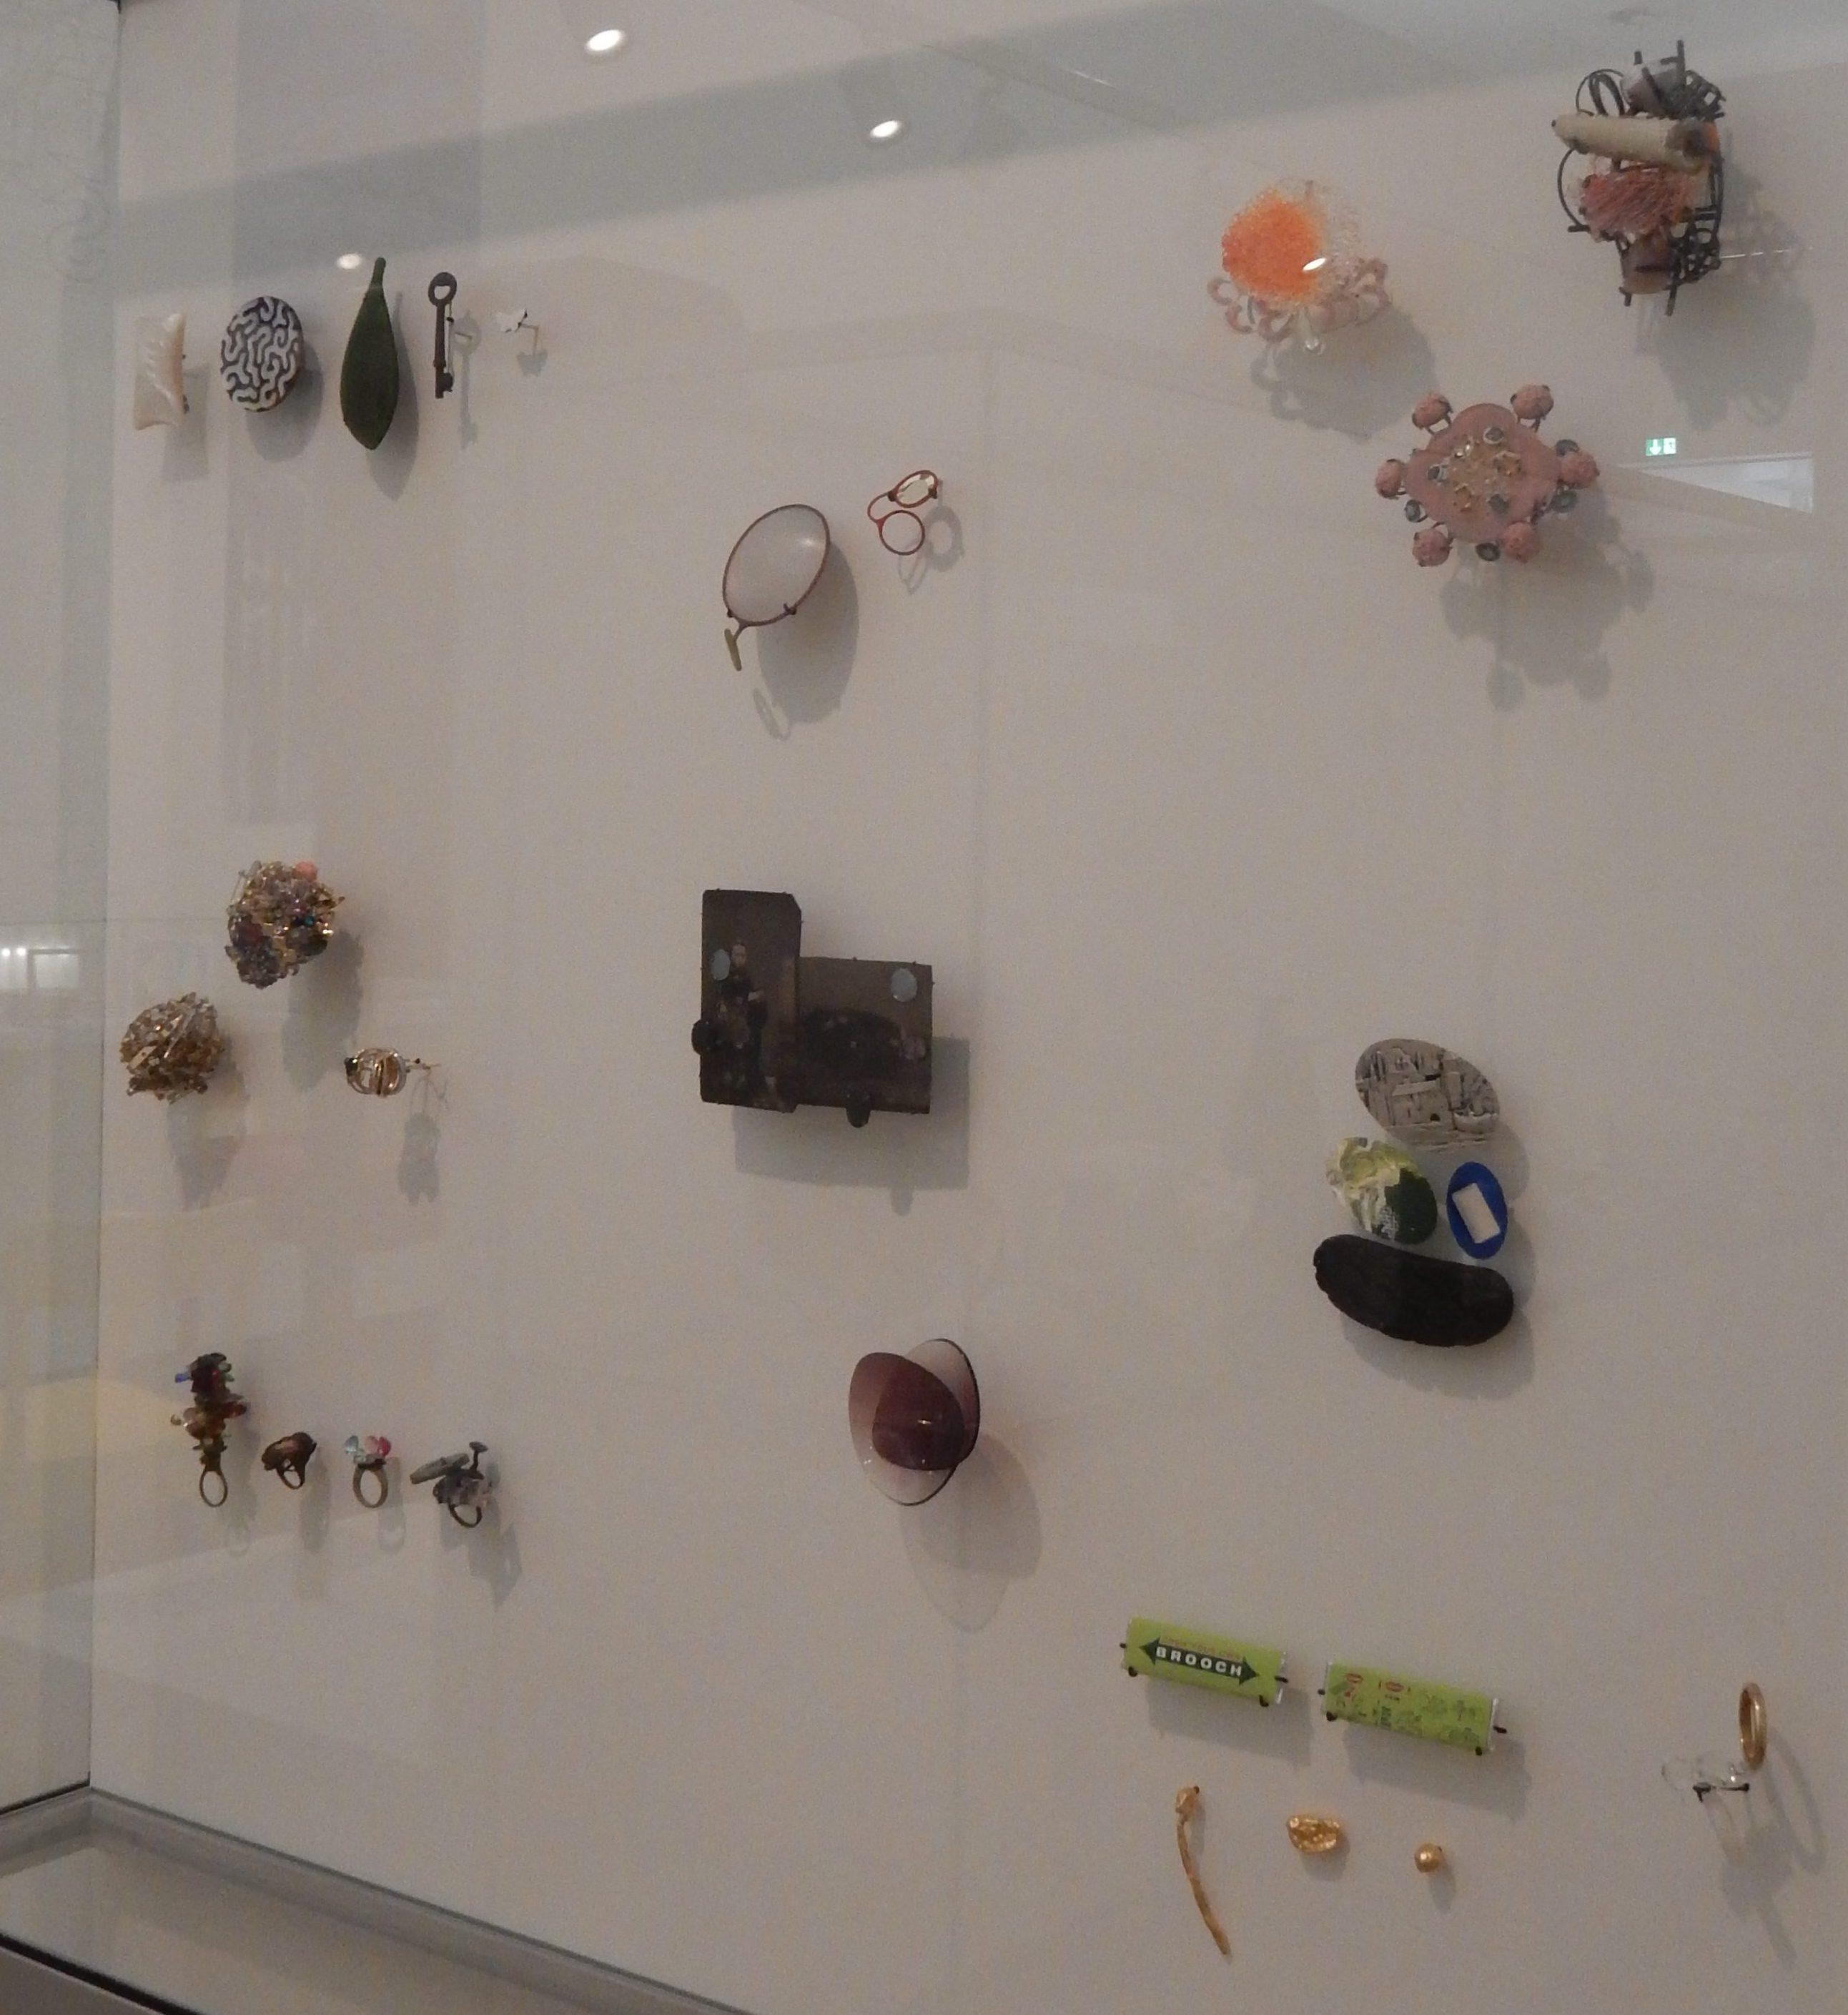 Vitrine in het Stedelijk Museum Amsterdam met sieraden in bruikleen van de Stichting Françoise van den Bosch, 2016, broches, ringen